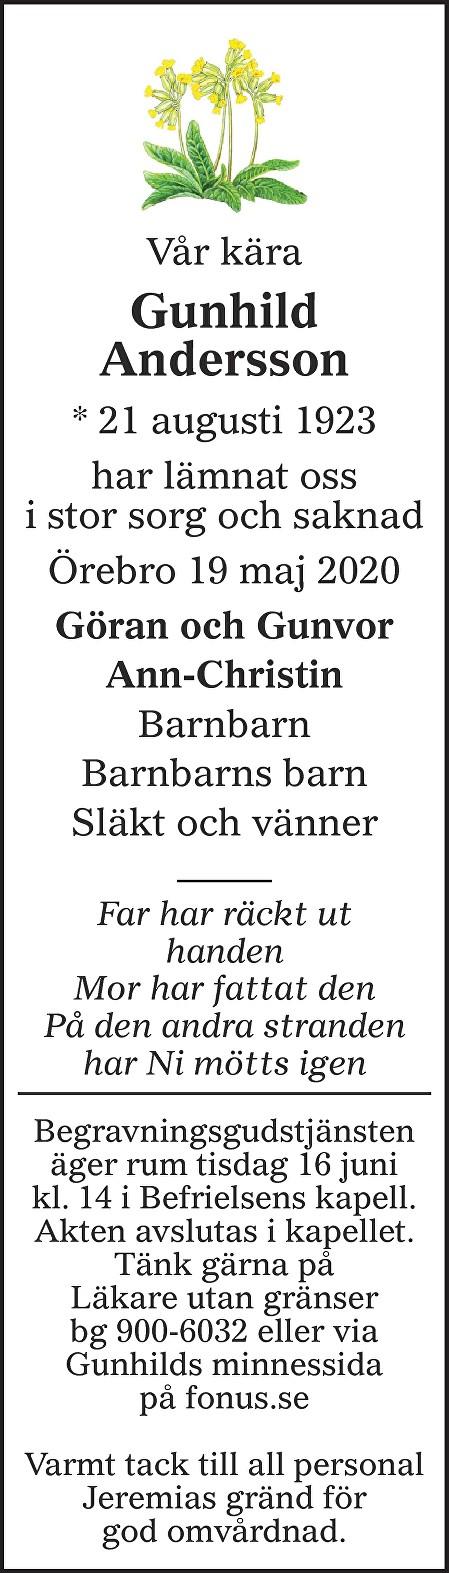 Gunhild Andersson Death notice